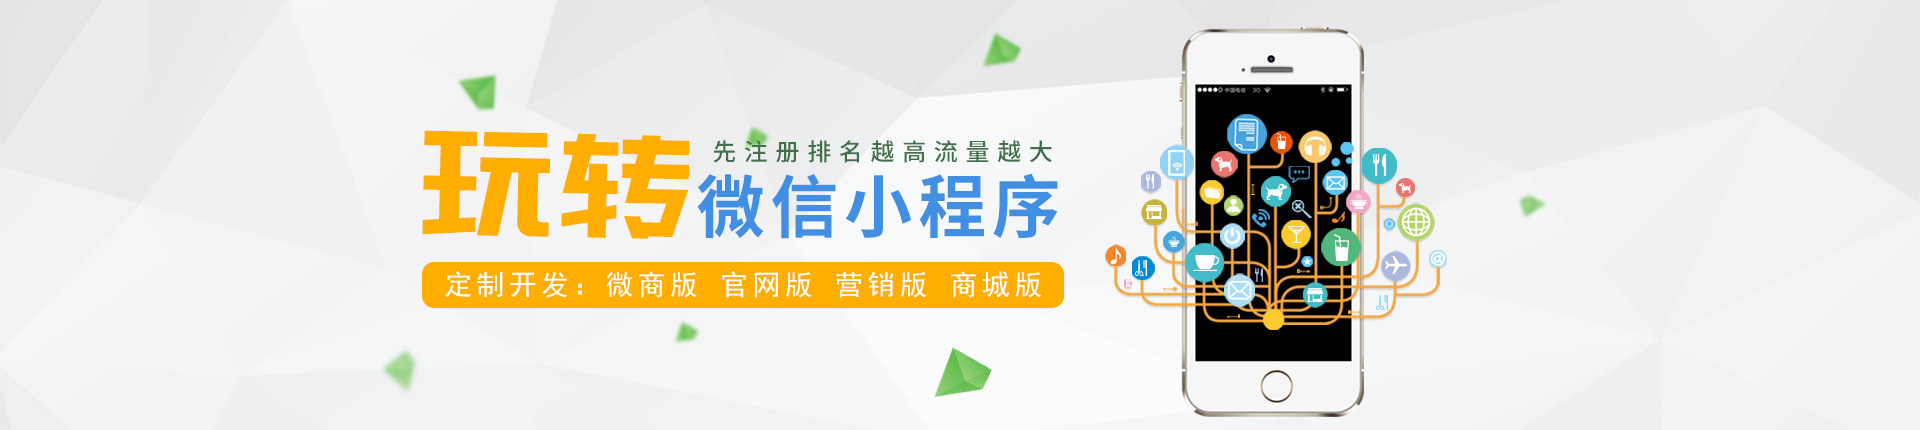 无锡千岛网络微信小程序